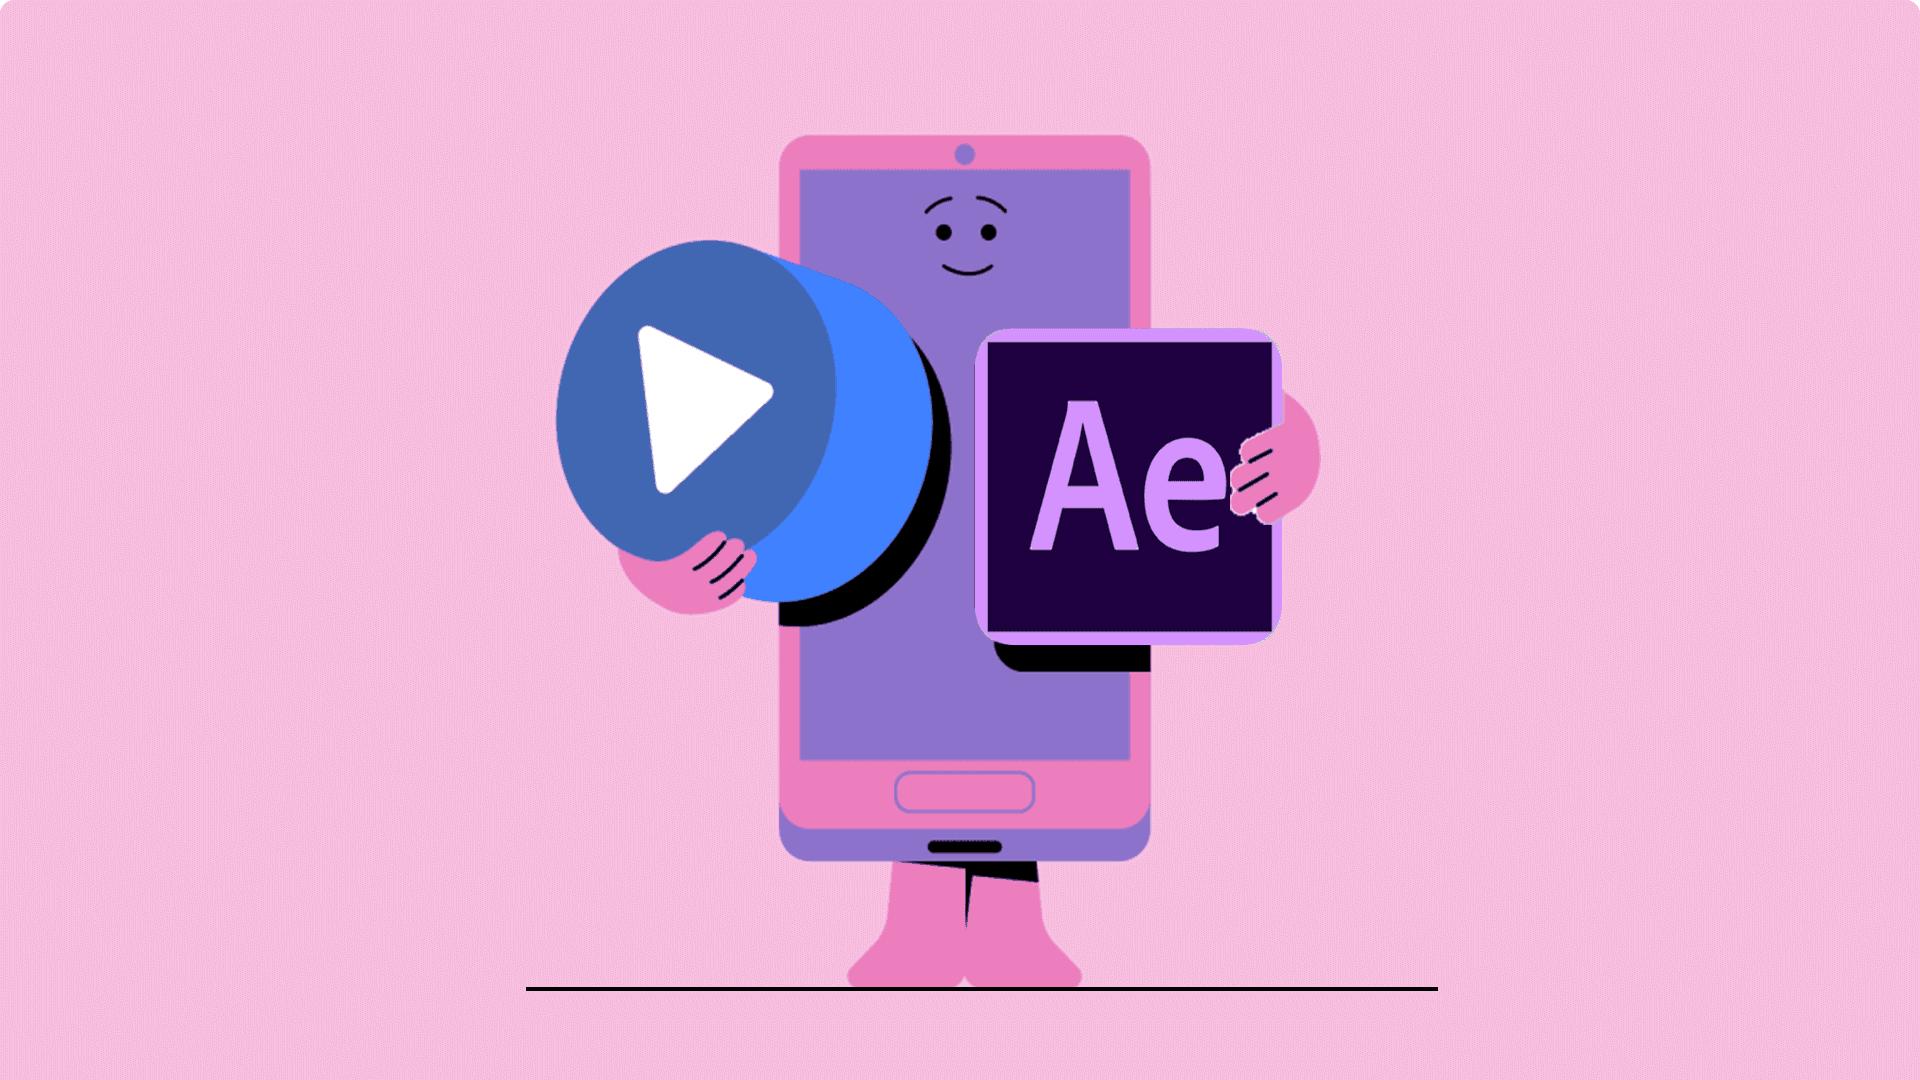 آموزش انیمیشن سازی با افتر افکت – صفر تا صد و پروژه محور